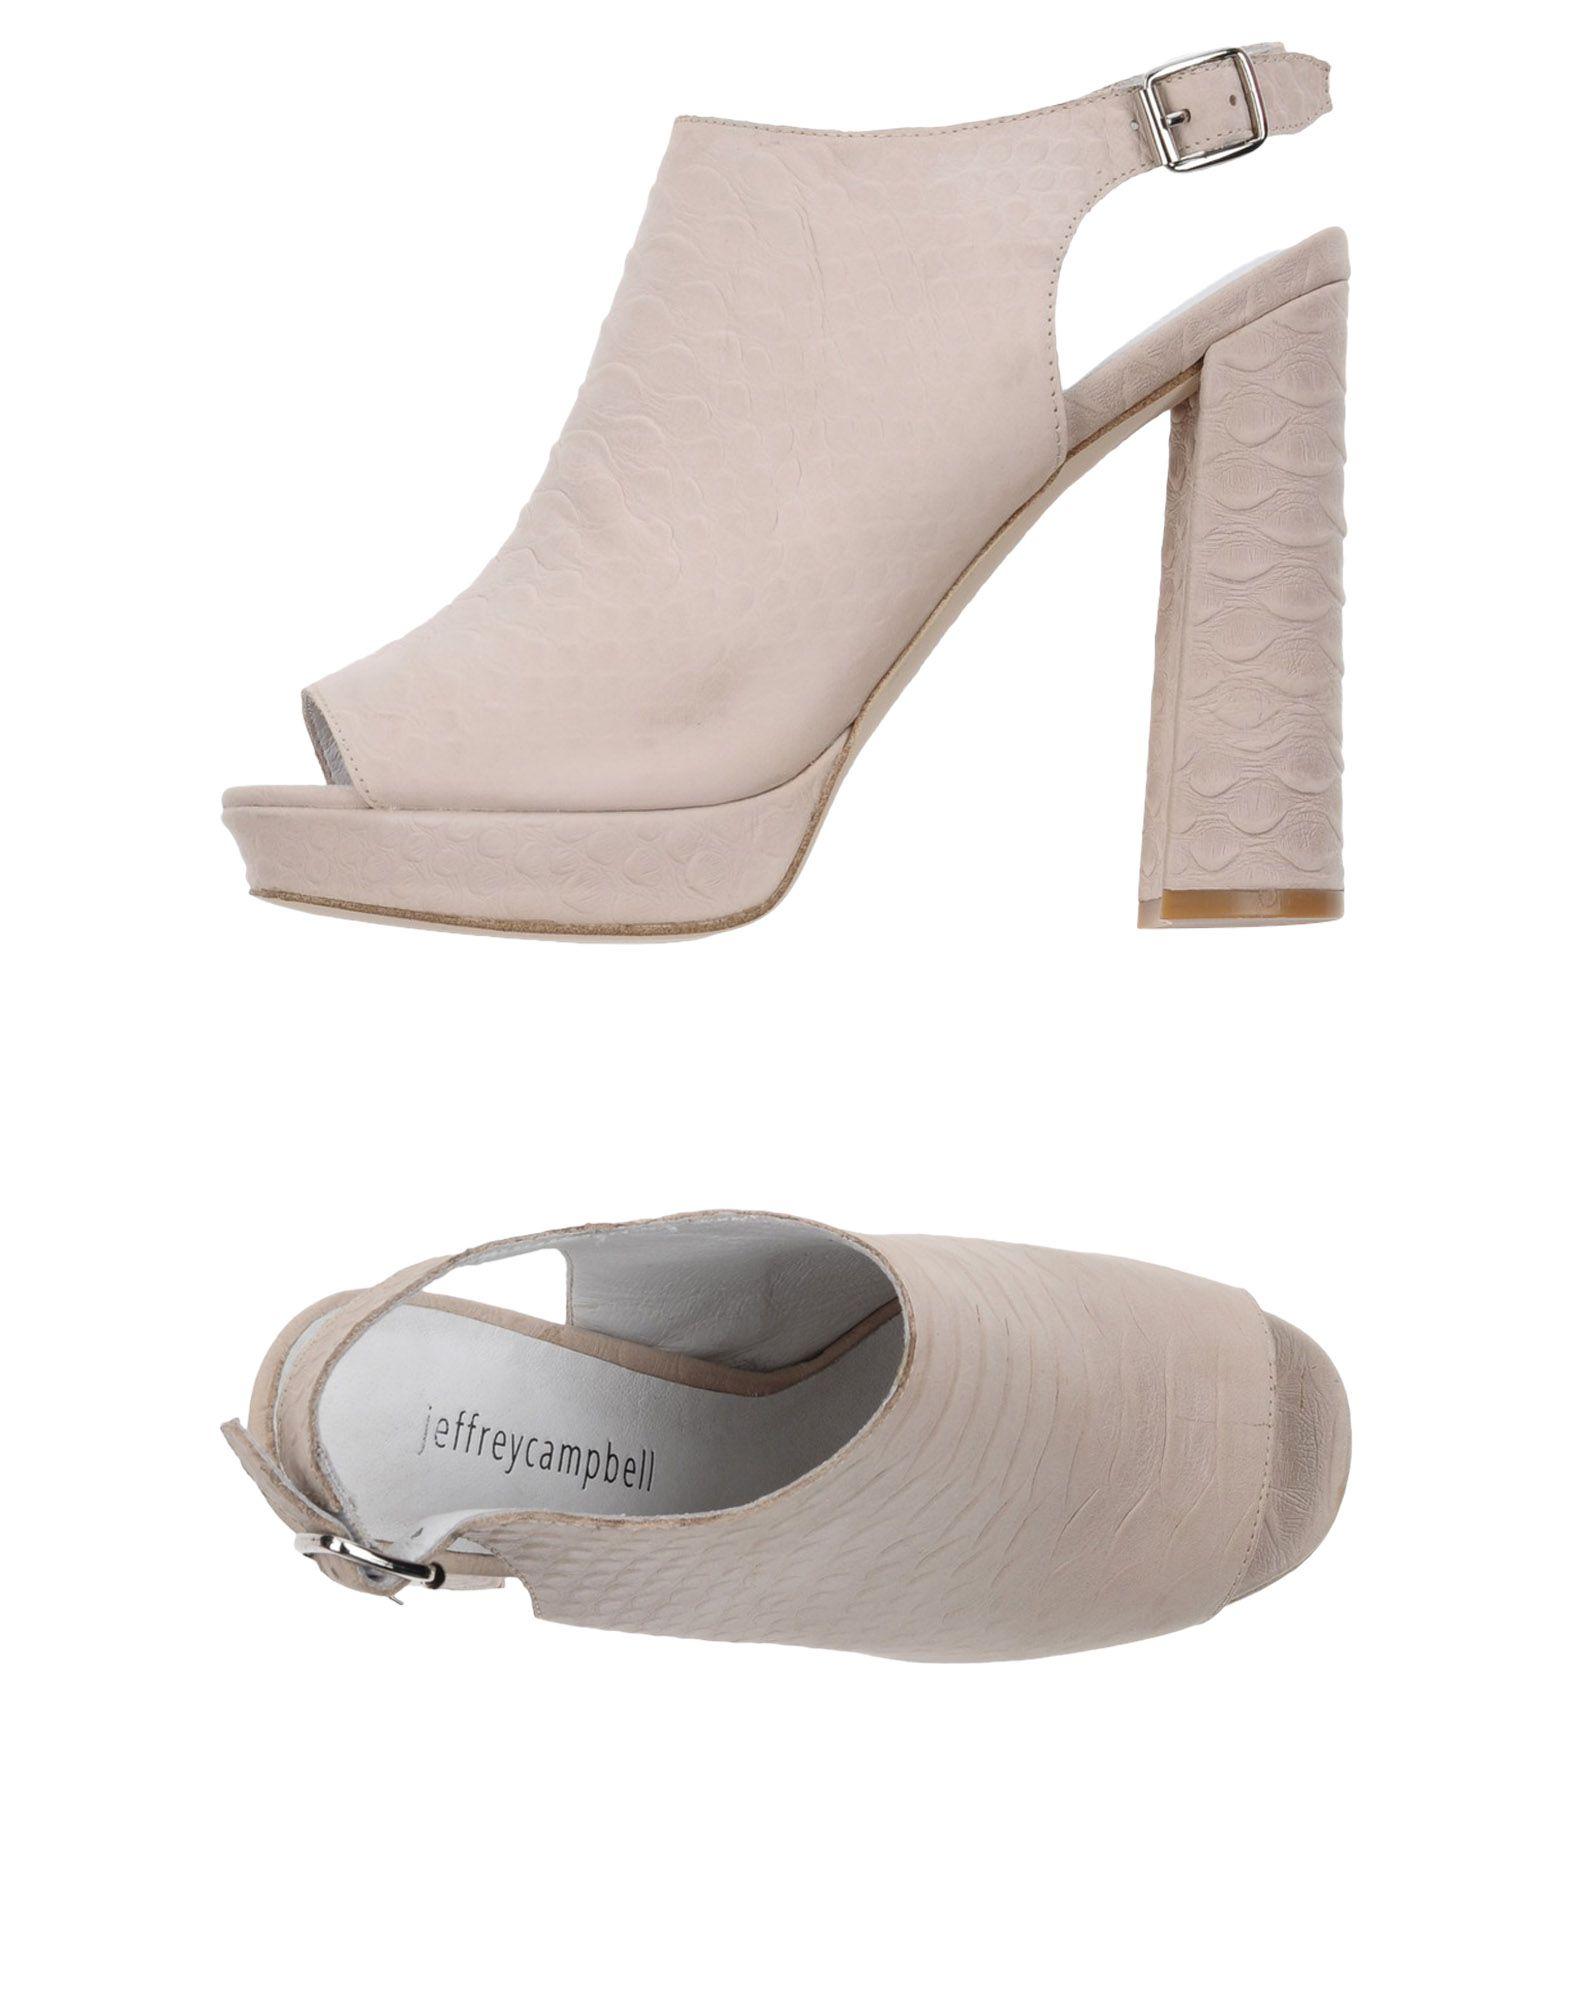 Jeffrey Campbell Sandalen Damen  11359874LB Gute Qualität beliebte Schuhe